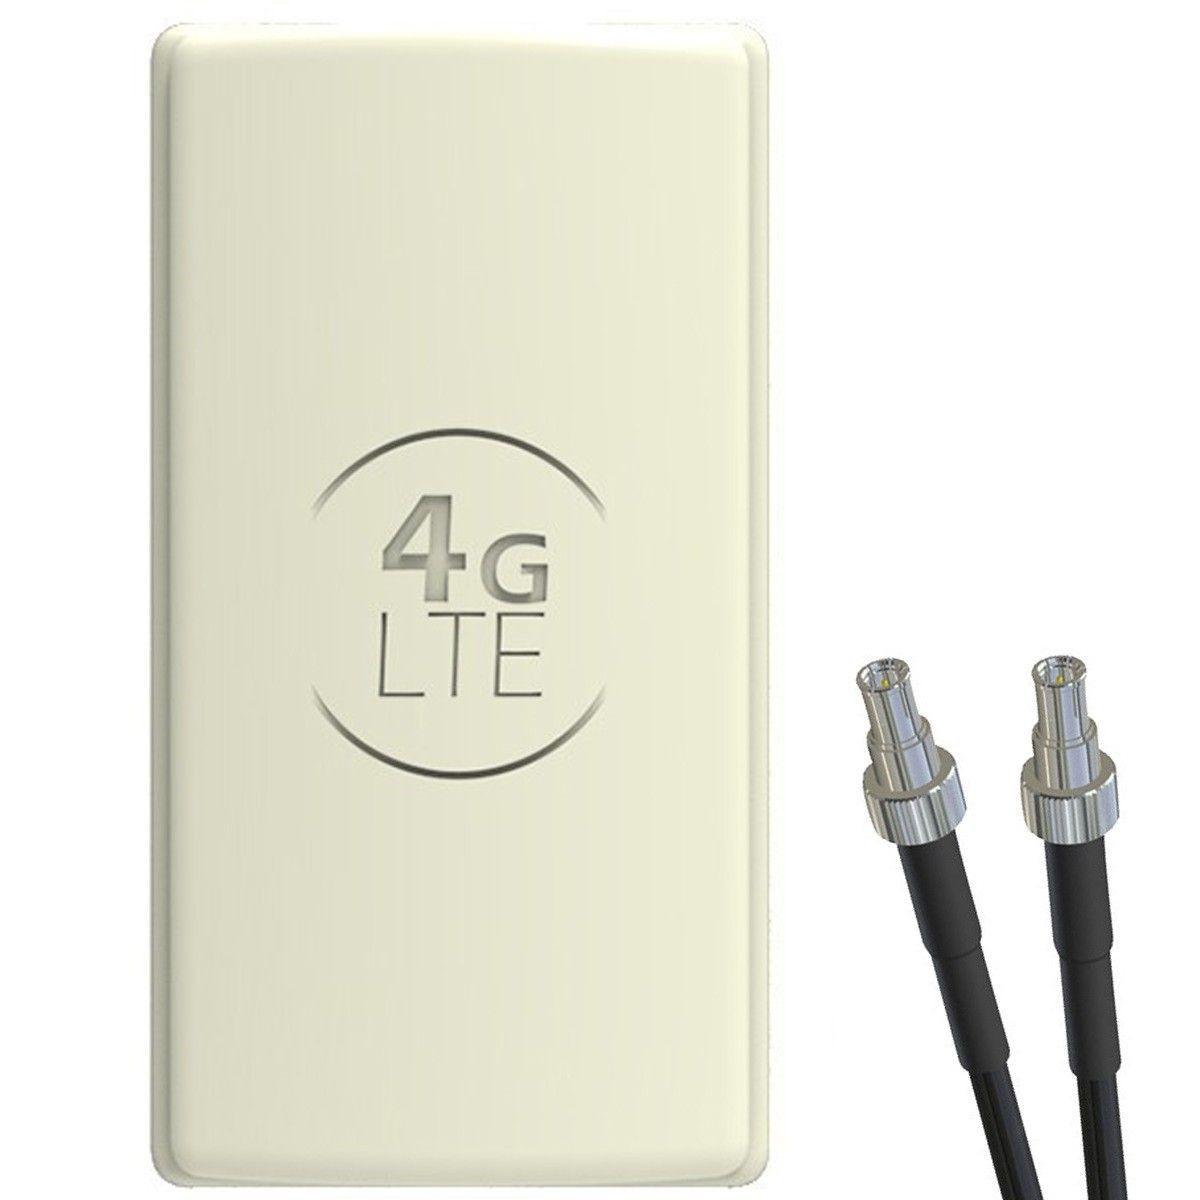 Antena 4G LTE DUAL PANEL 2x25dBi + 2x10m SZARA + 2x TS9 prosty